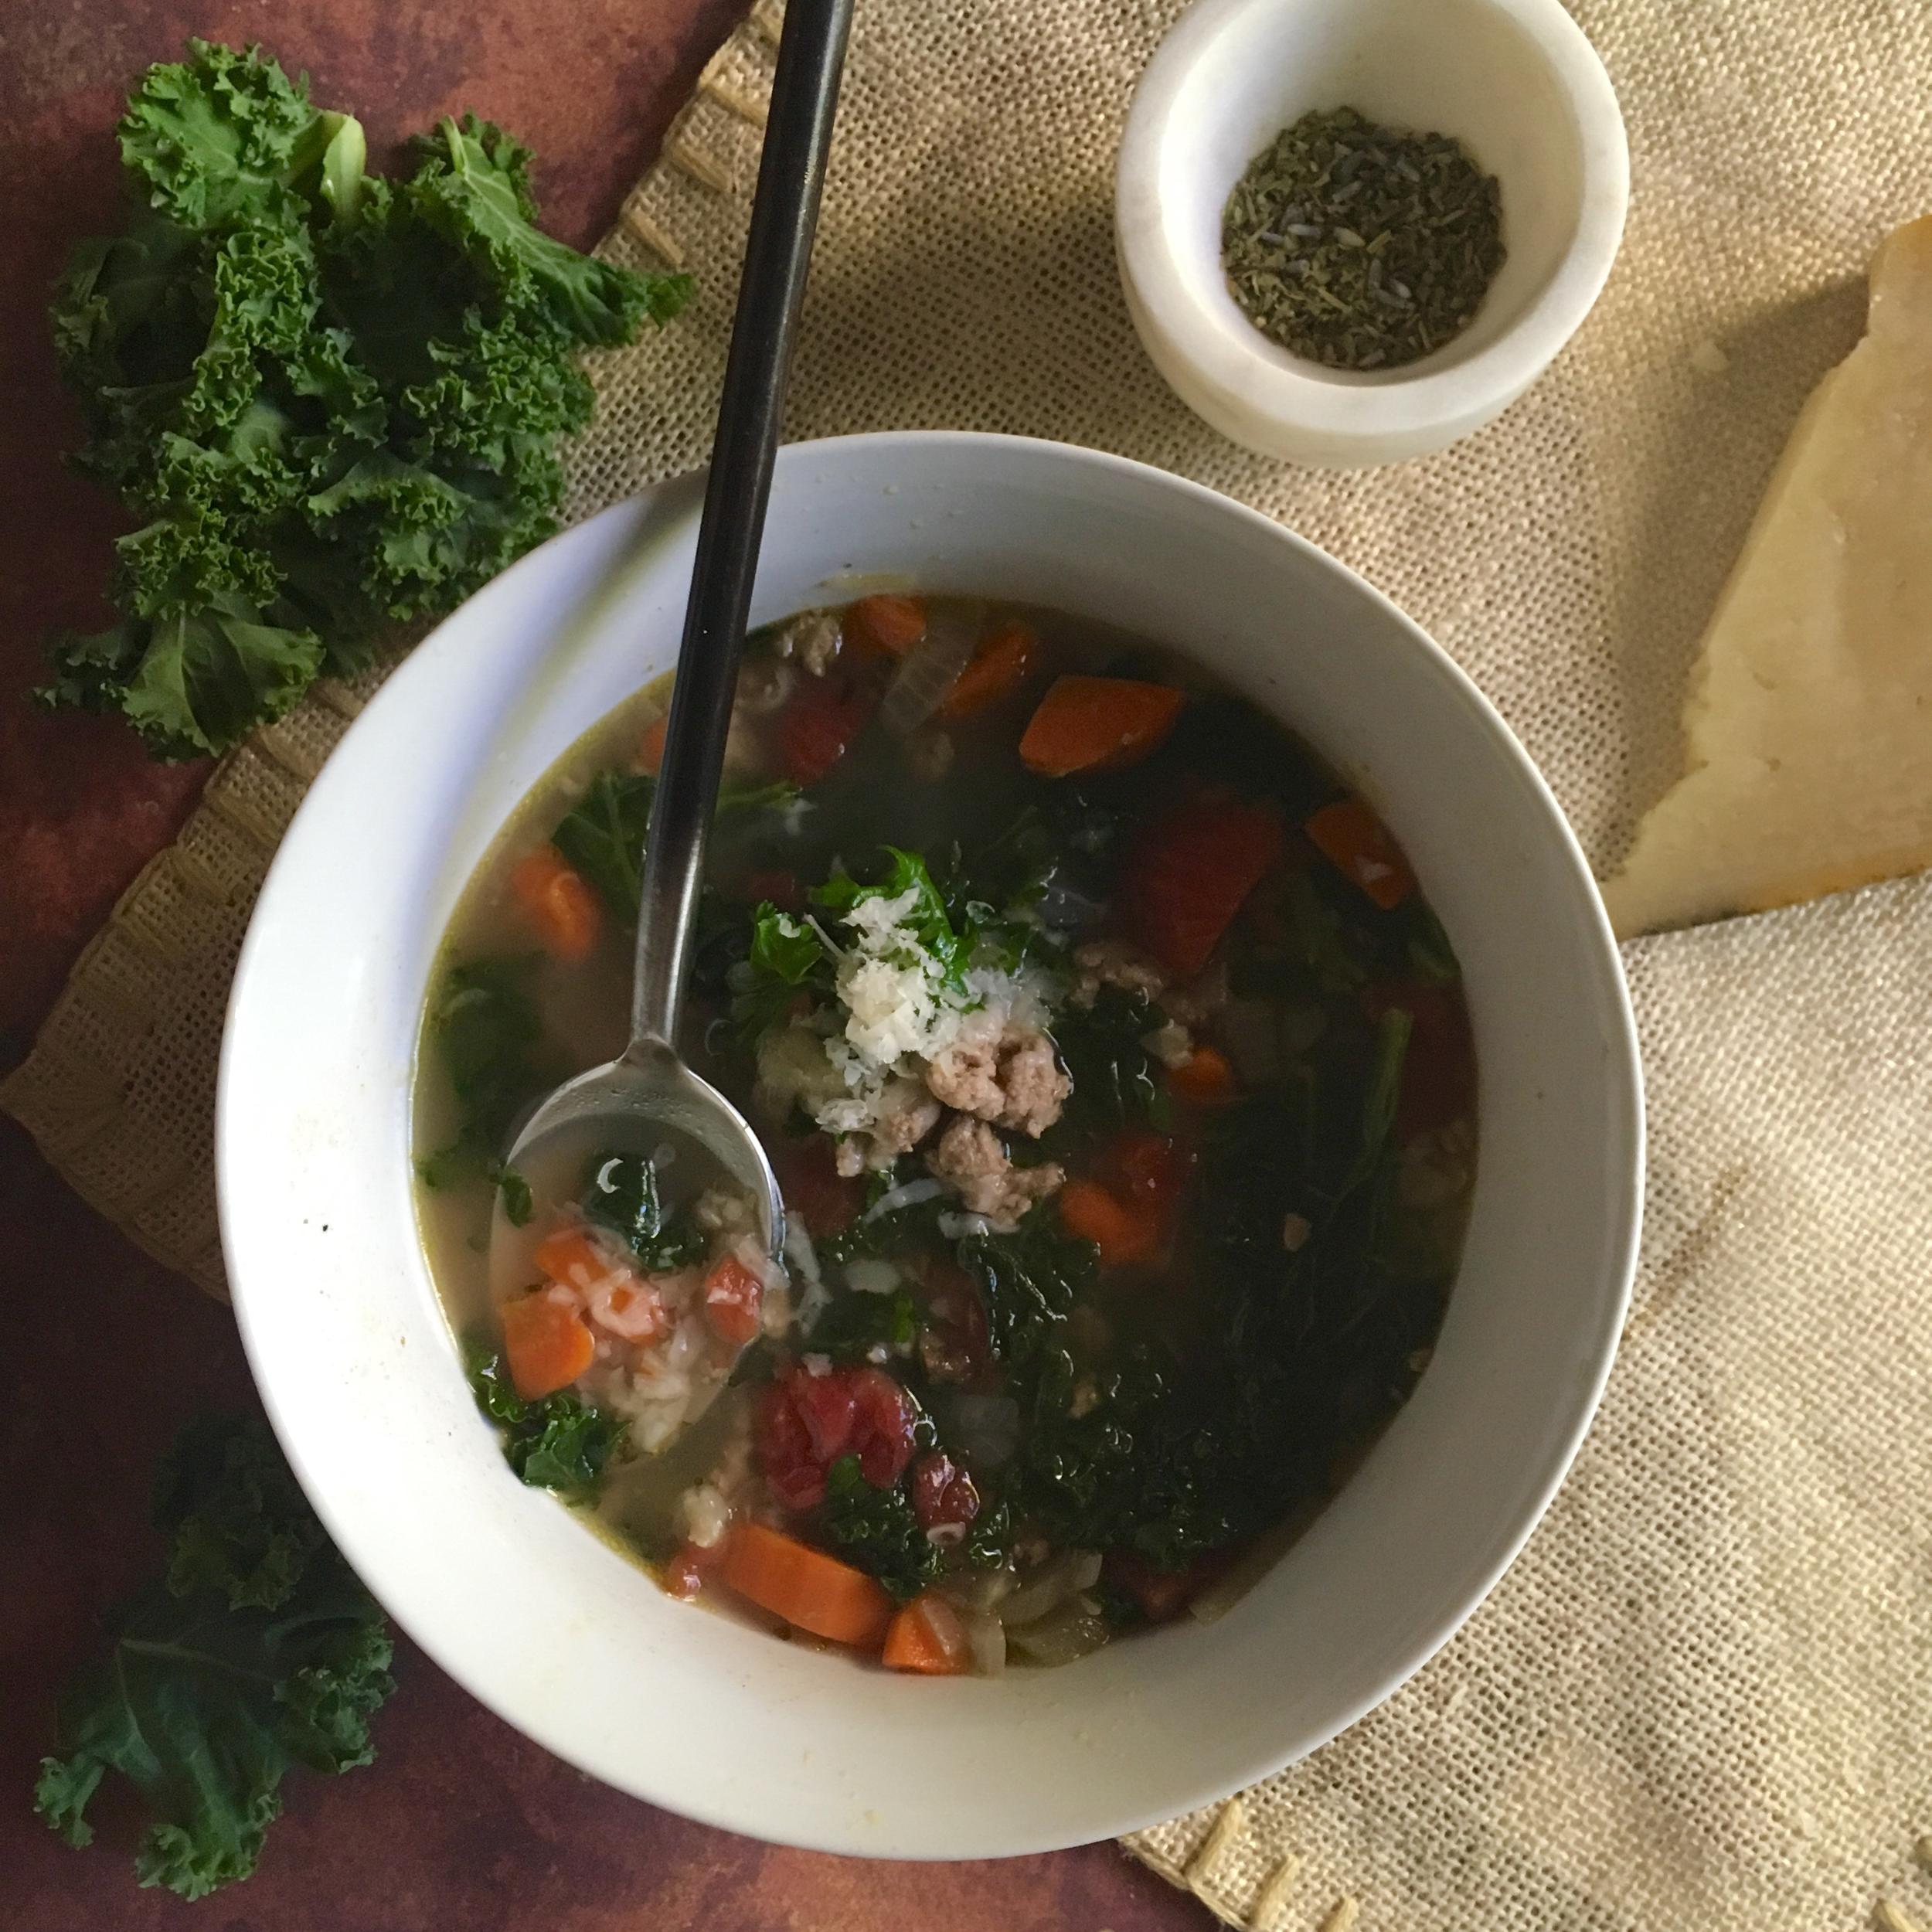 Kale & Ground Turkey Soup